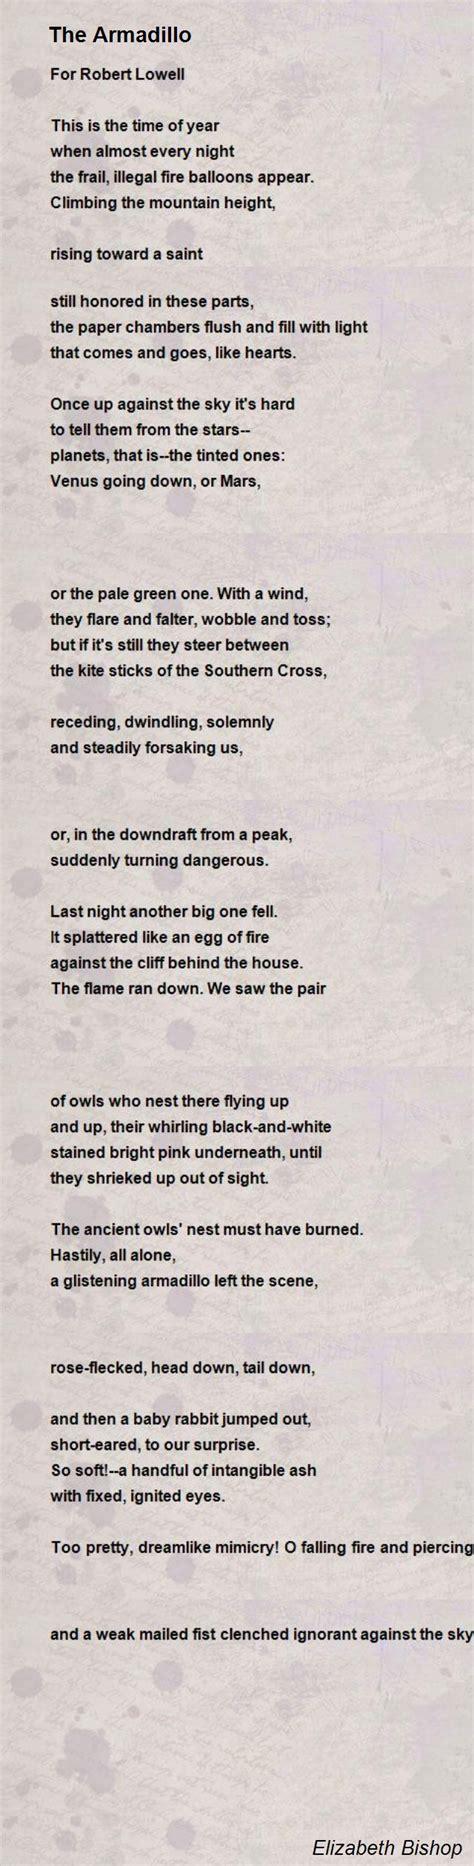 armadillo poem  elizabeth bishop poem hunter comments